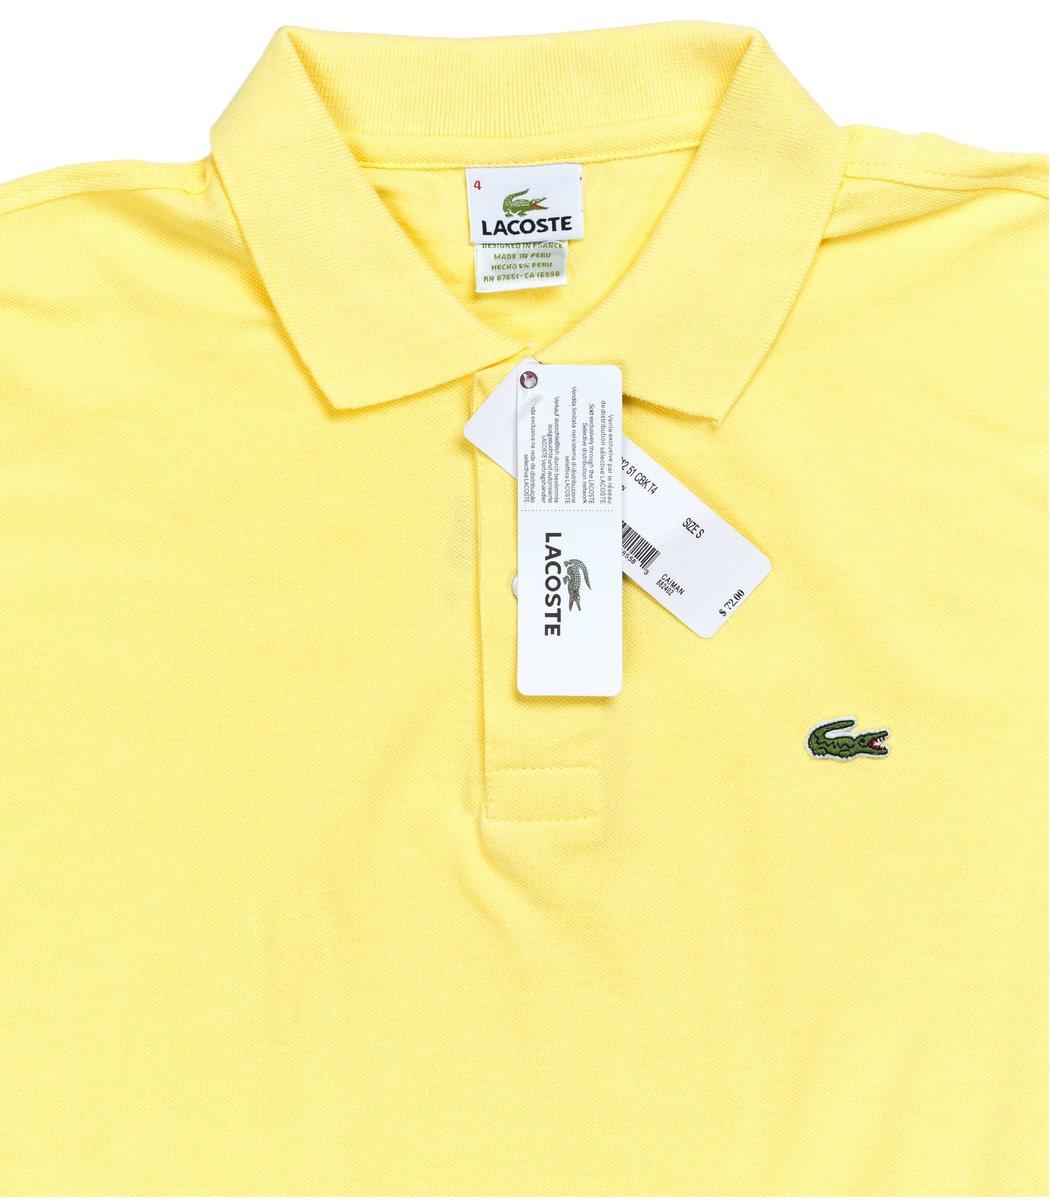 Мужская желтая футболка поло Lacoste - желтый - Вид 4